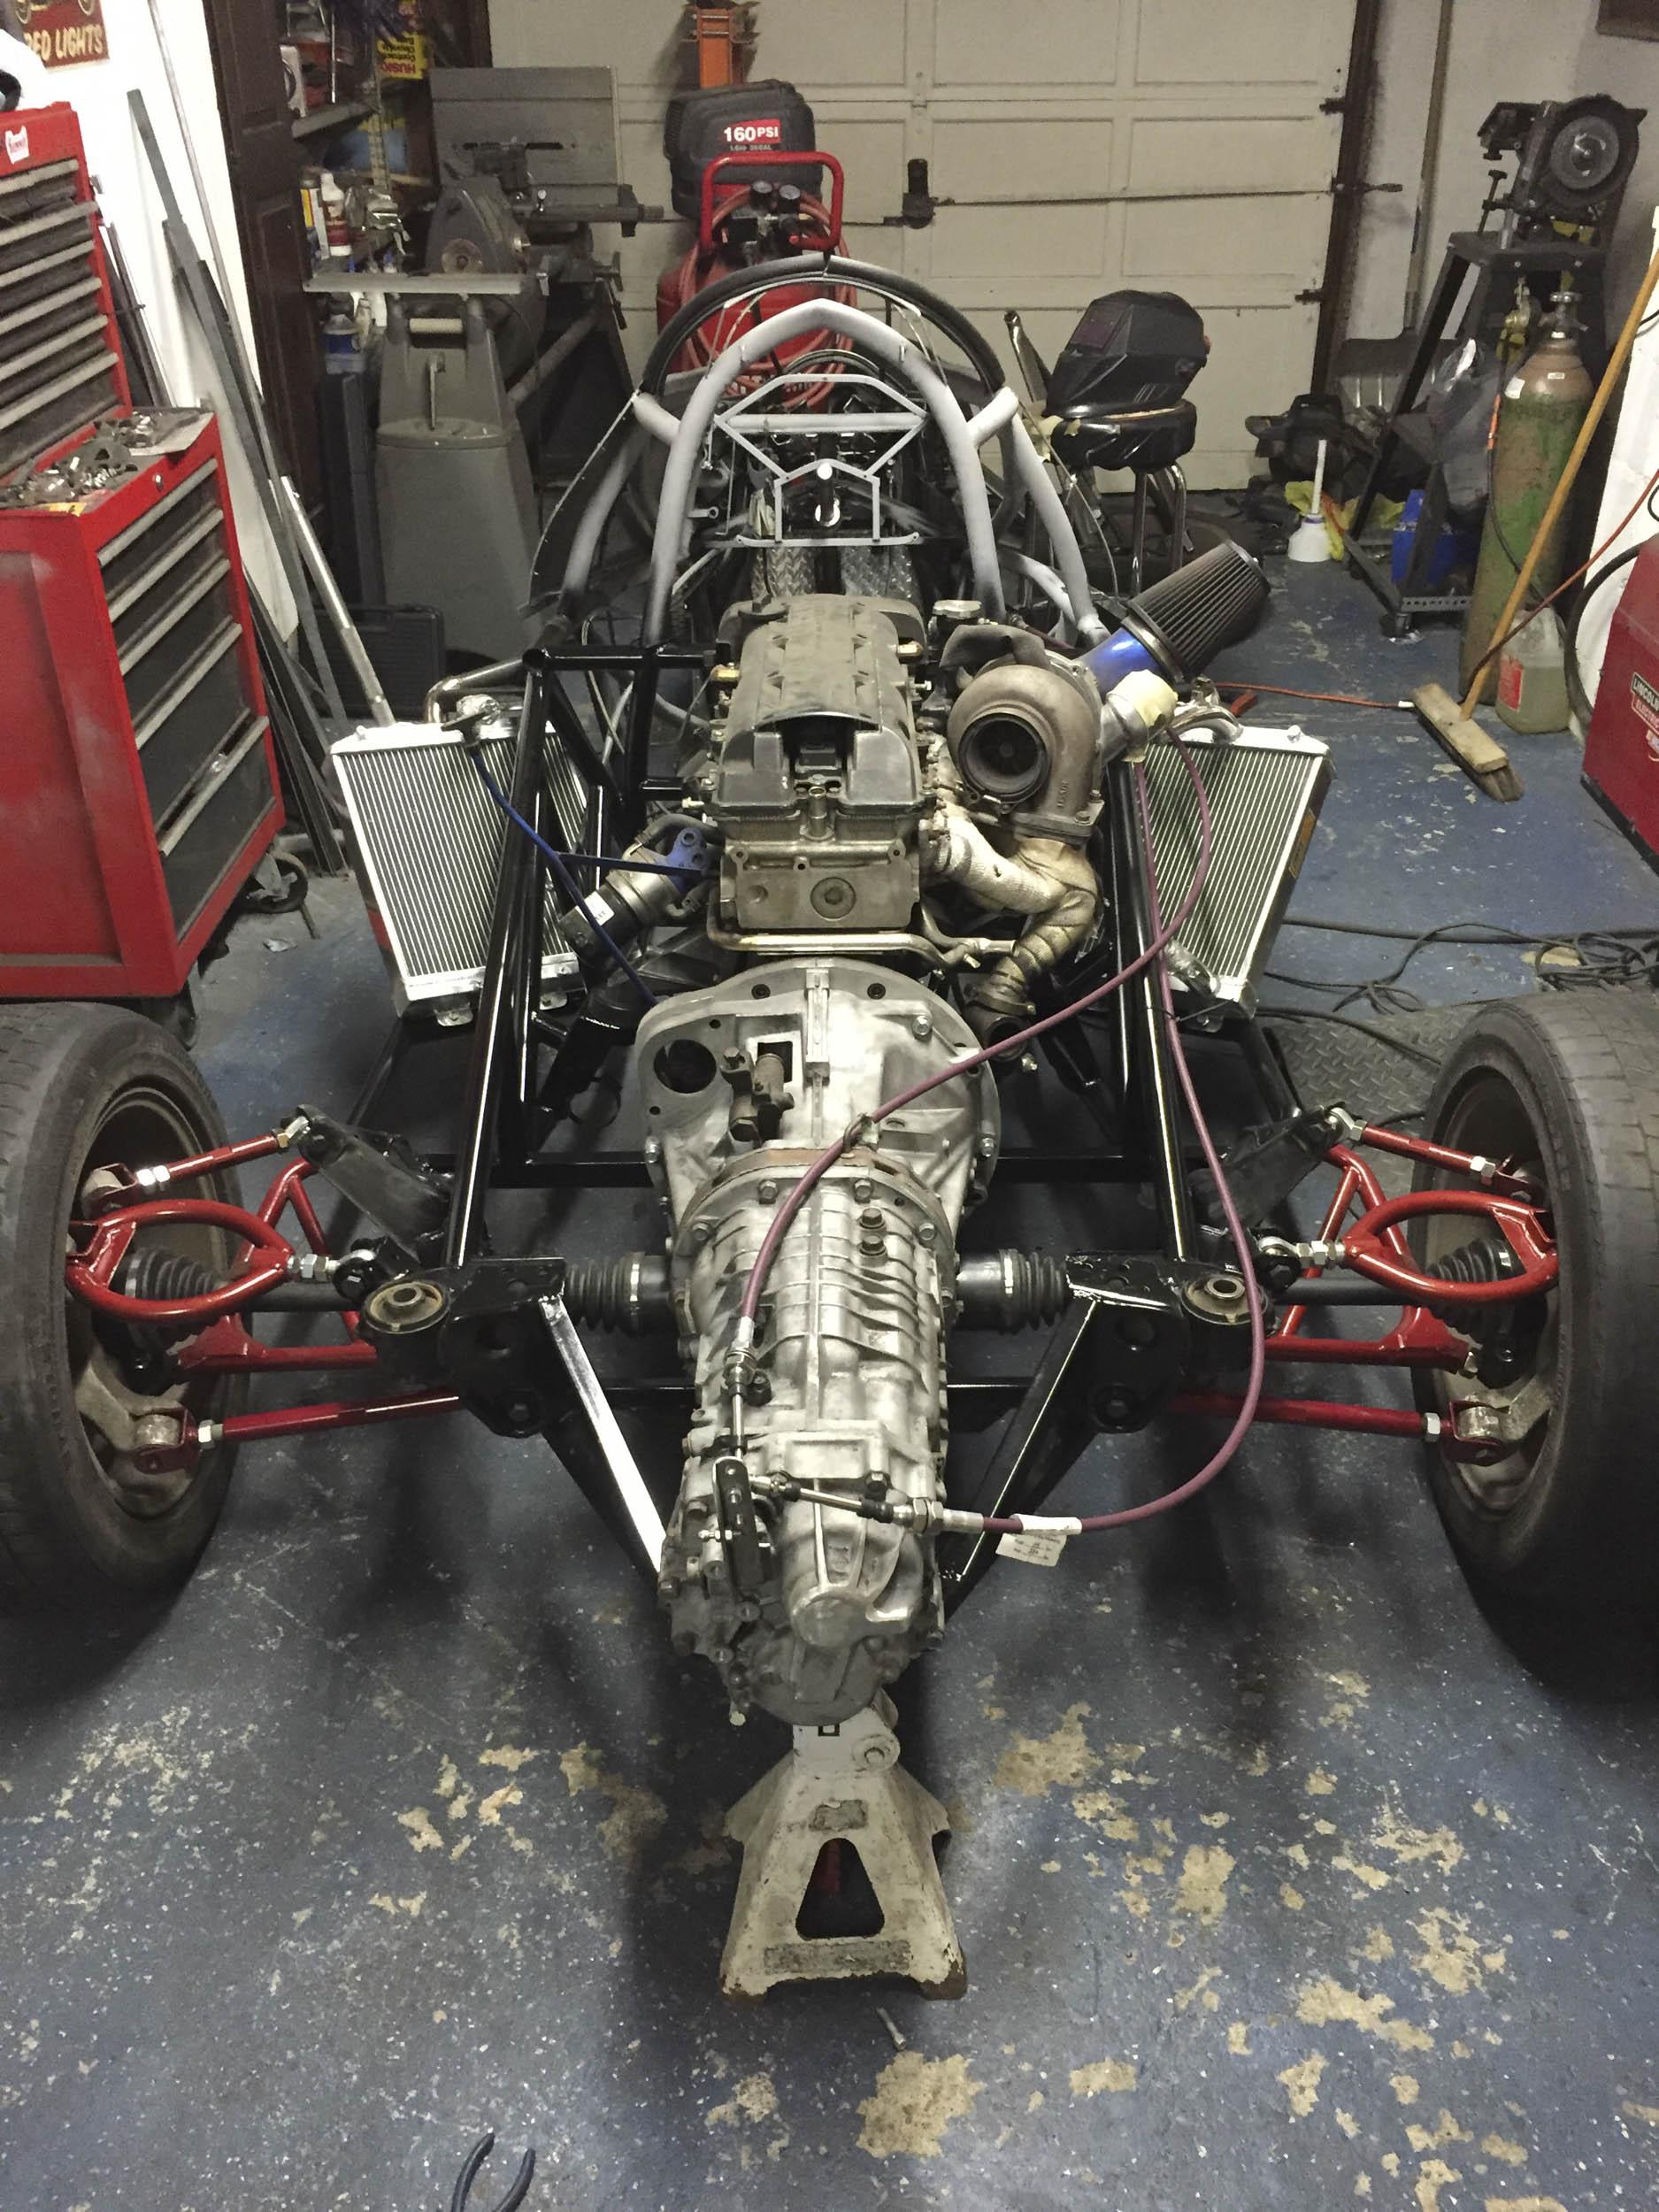 2JetZ engine